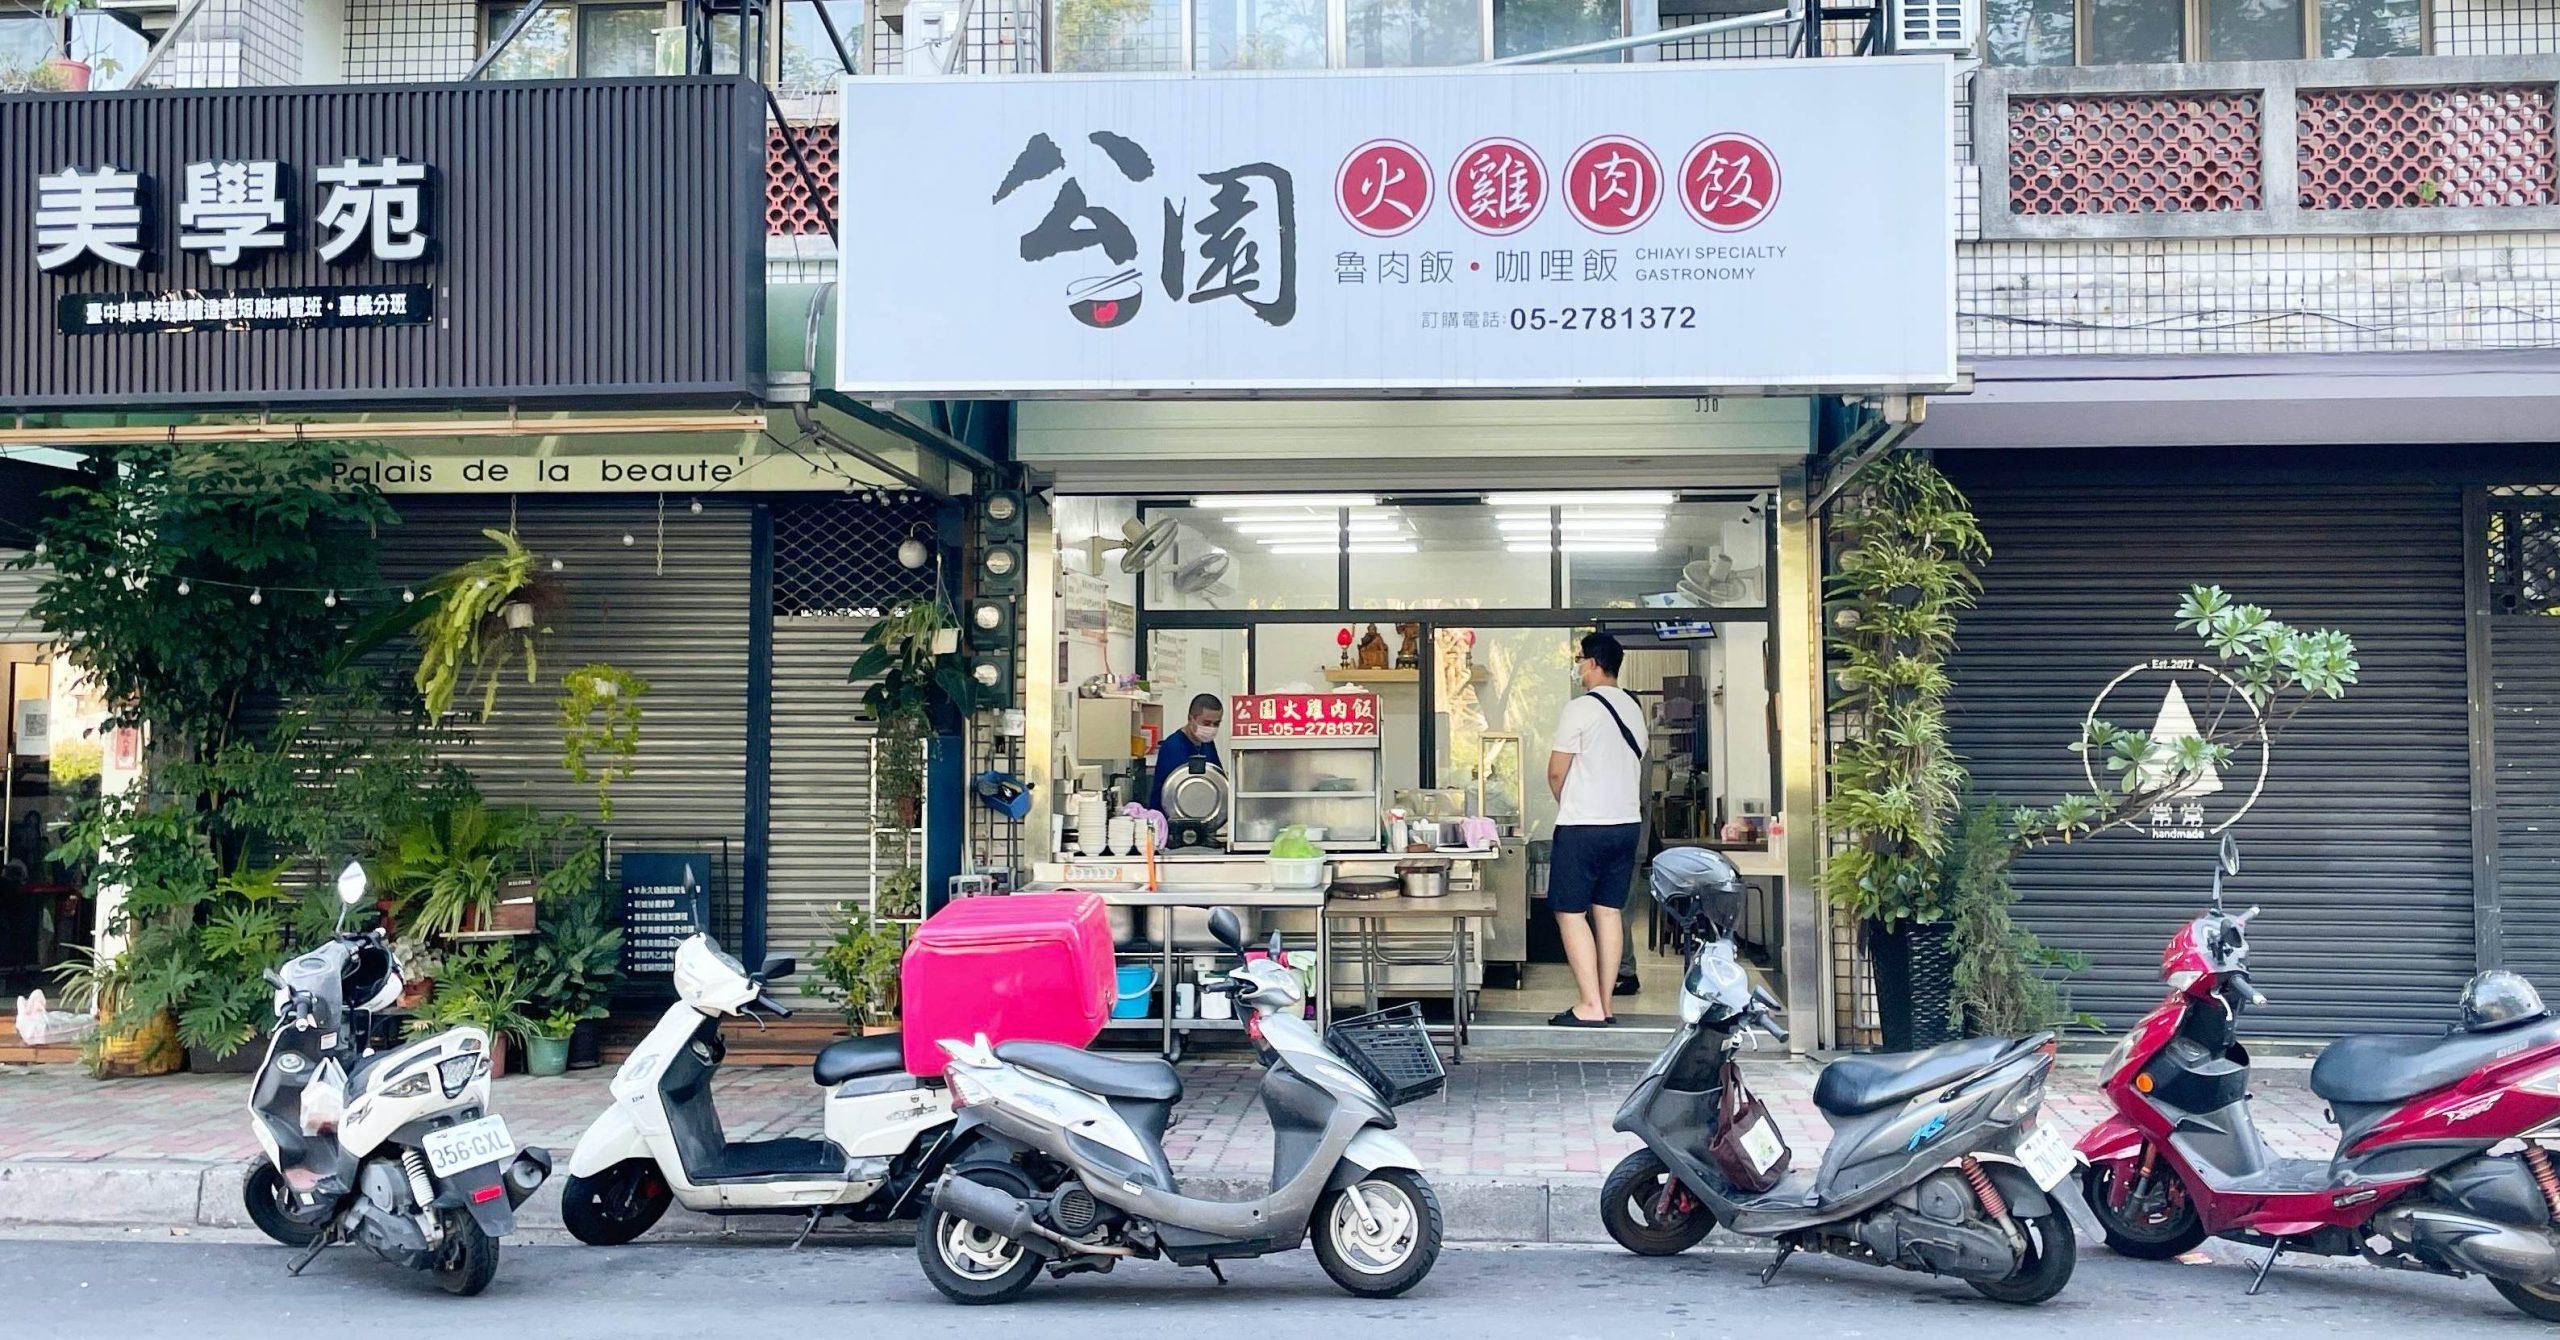 即時熱門文章:【嘉義火雞肉飯推薦】嘉義公園火雞肉飯,油蔥系雞肉飯要搬家了